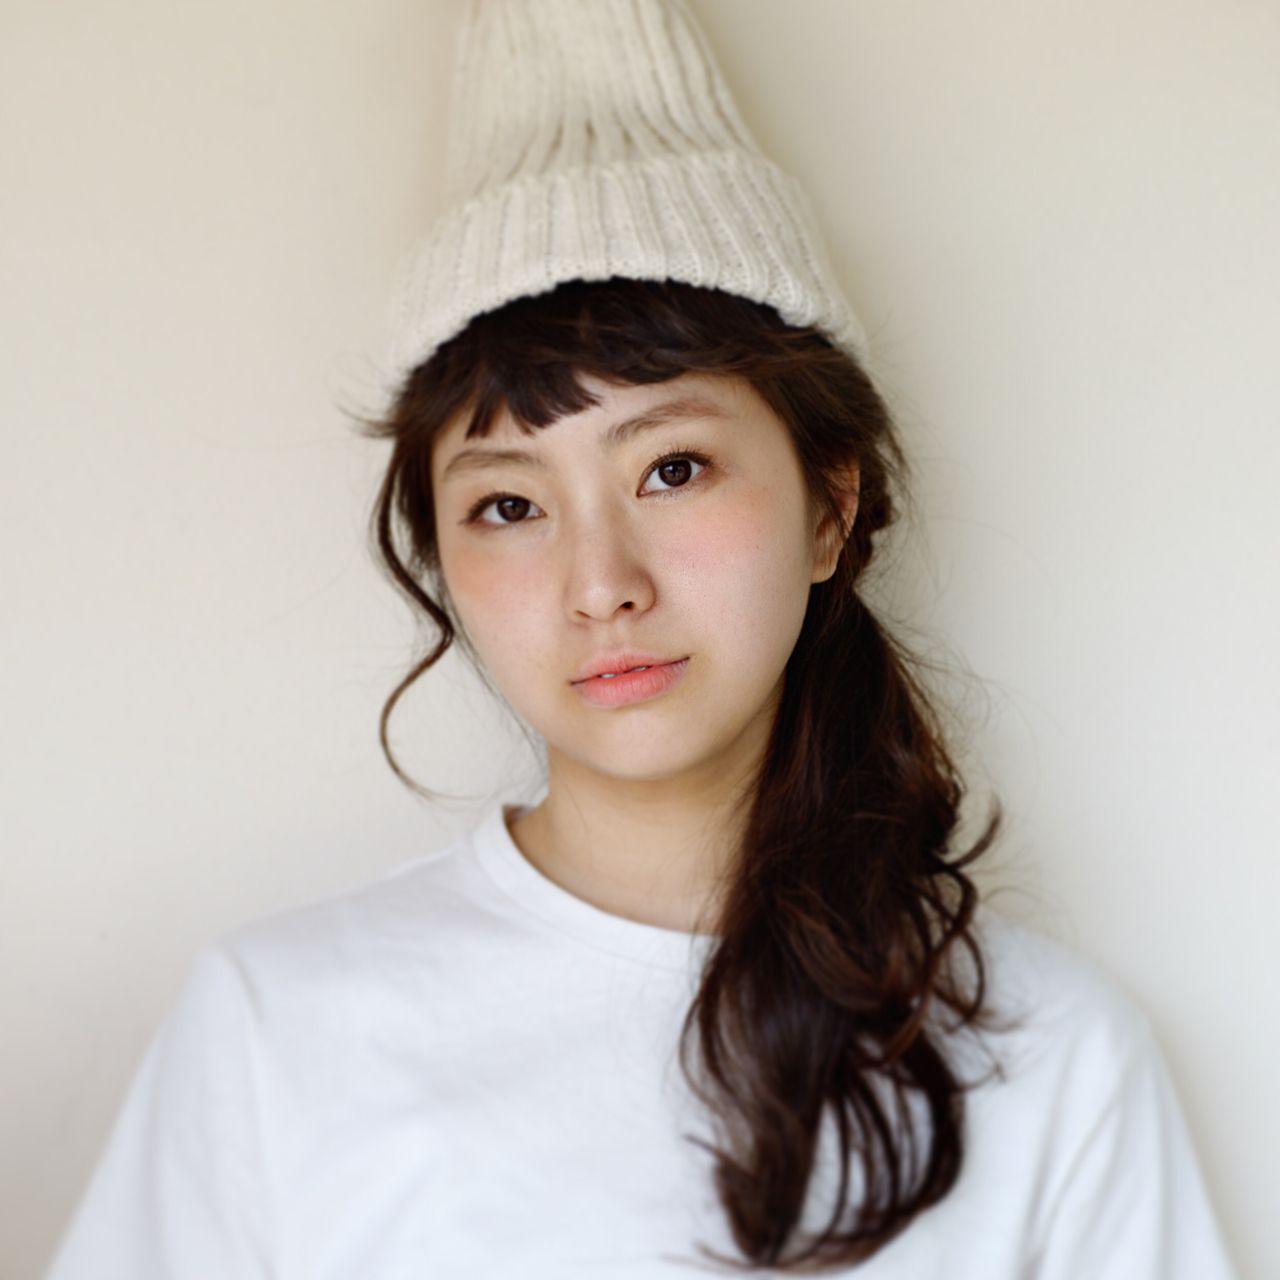 ニット帽×ヘアアレの合わせ技*オシャレ女子に私はなる。 武田光平